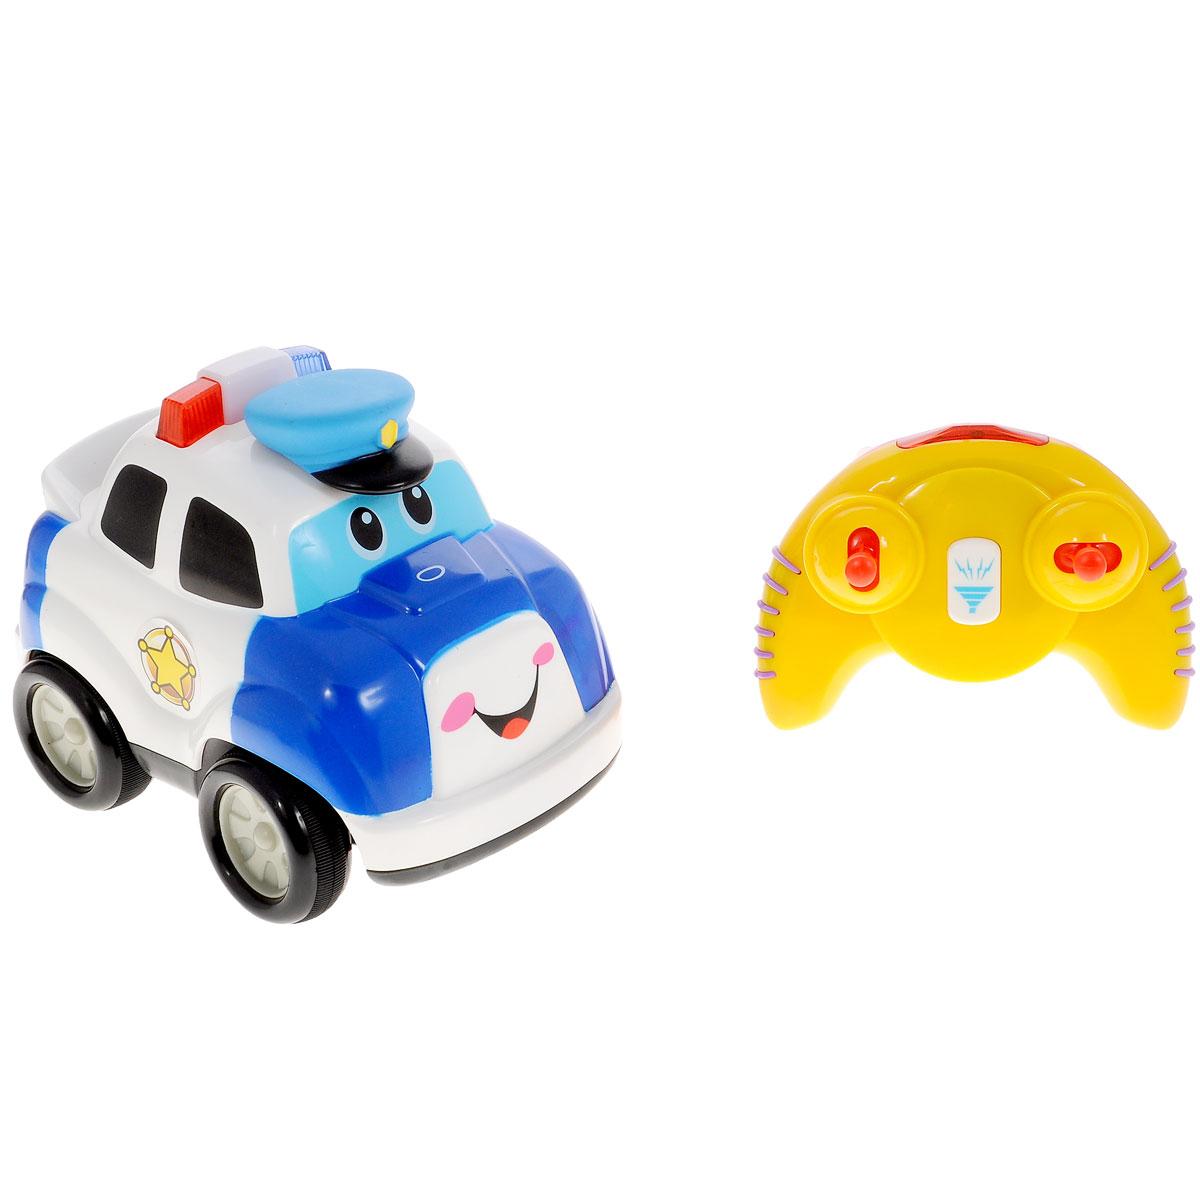 Kiddieland Развивающая игрушка Полицейский автомобильKID 042994Развивающая игрушка Kiddieland Полицейский автомобиль со световыми и звуковыми эффектами обязательно понравится малышу. Эта яркая забавная игрушка на радиоуправлении в виде полицейской машинки привлечет внимание любого мальчишки, ведь она издает разные звуки и мигает огоньками. Если нажать на кнопочку в виде фуражки, то машинка замигают огоньки и будет слышен звук мотора. Игрушка развивает мелкую моторику, мышление, зрительное и звуковое восприятие, повышает двигательную активность малышей. Рекомендуемый возраст: от 18 месяцев. Питание: 4 батарейки типа АА, 3 батарейки типа ААА (входят в комплект).